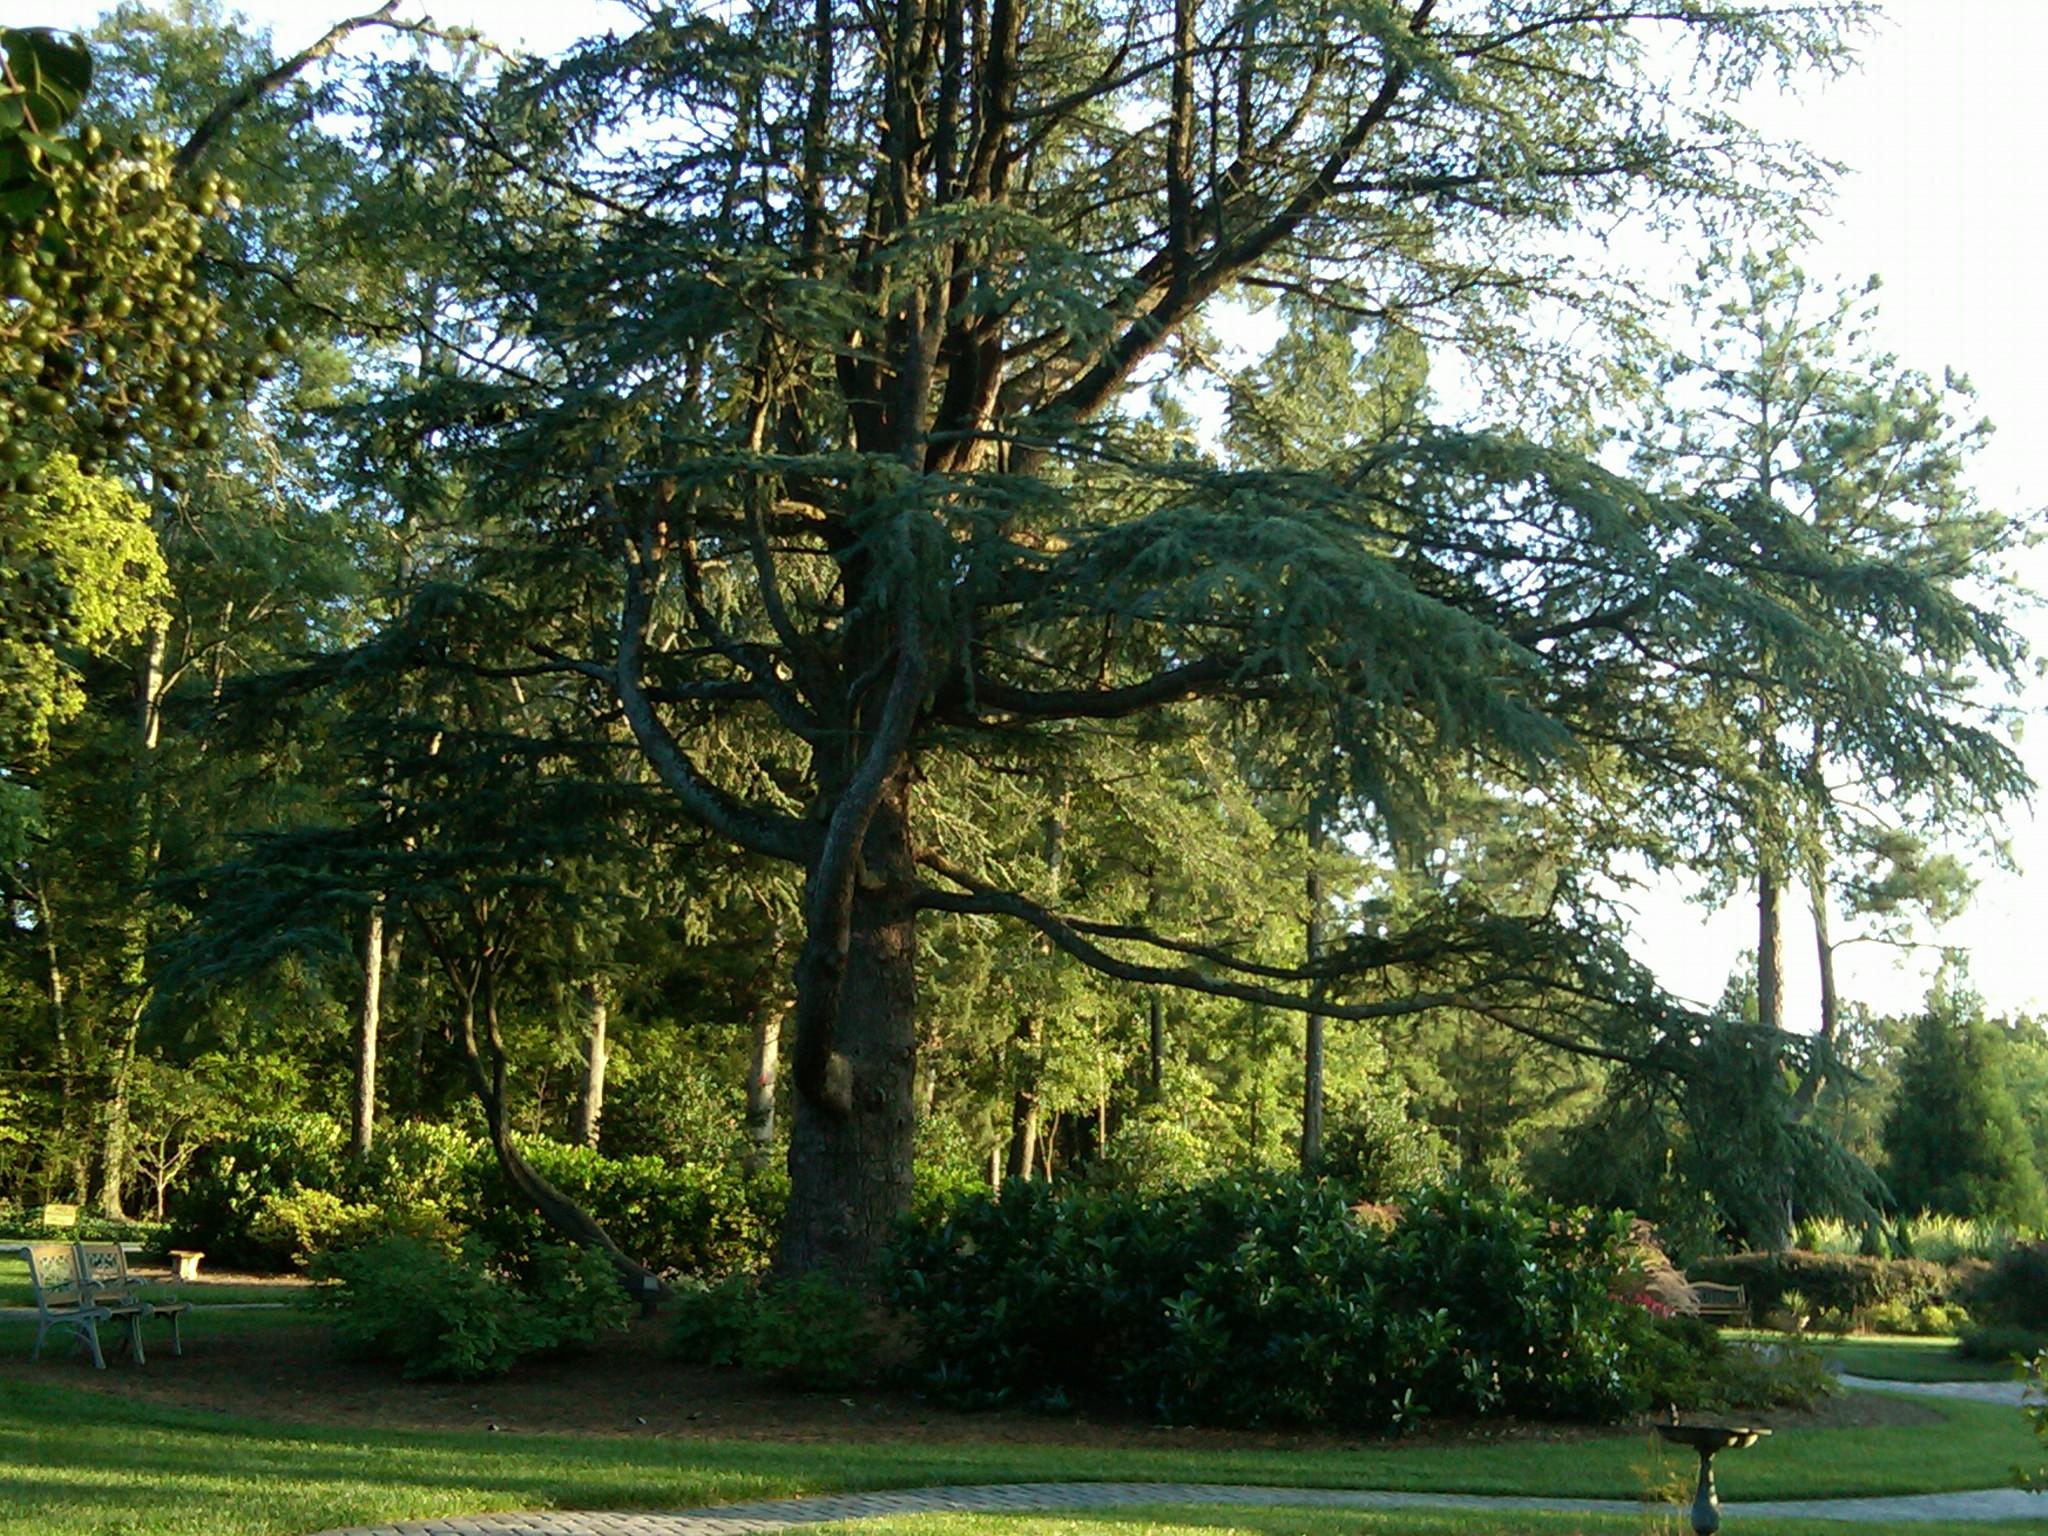 The Beautiful Bald Atlas Cedar Tree